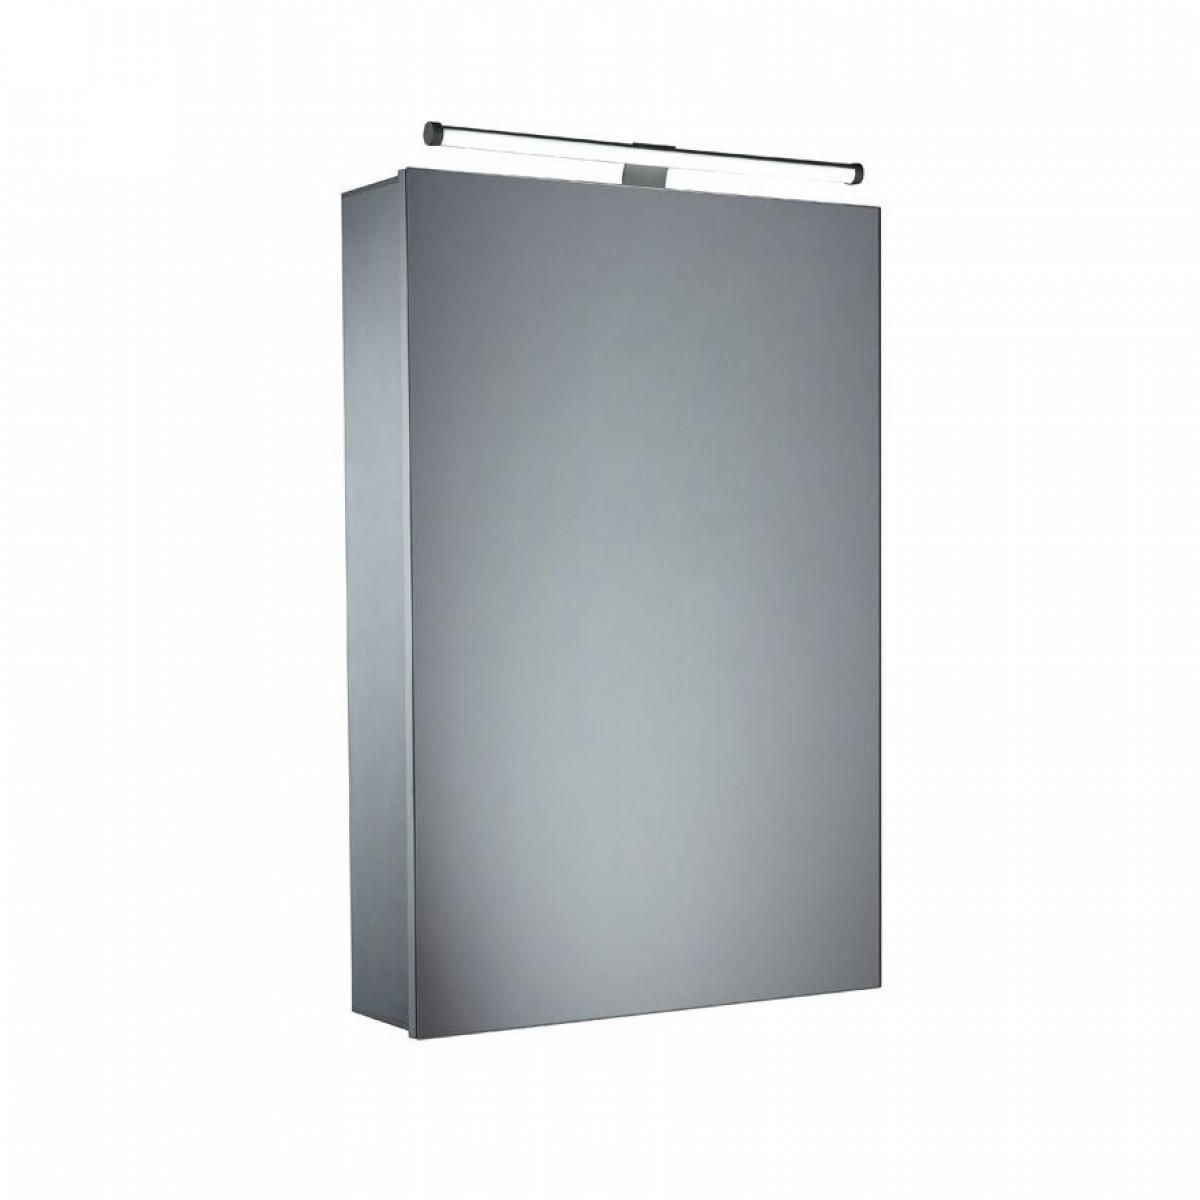 Tavistock Conduct Single Mirror Door Cabinet Co44al